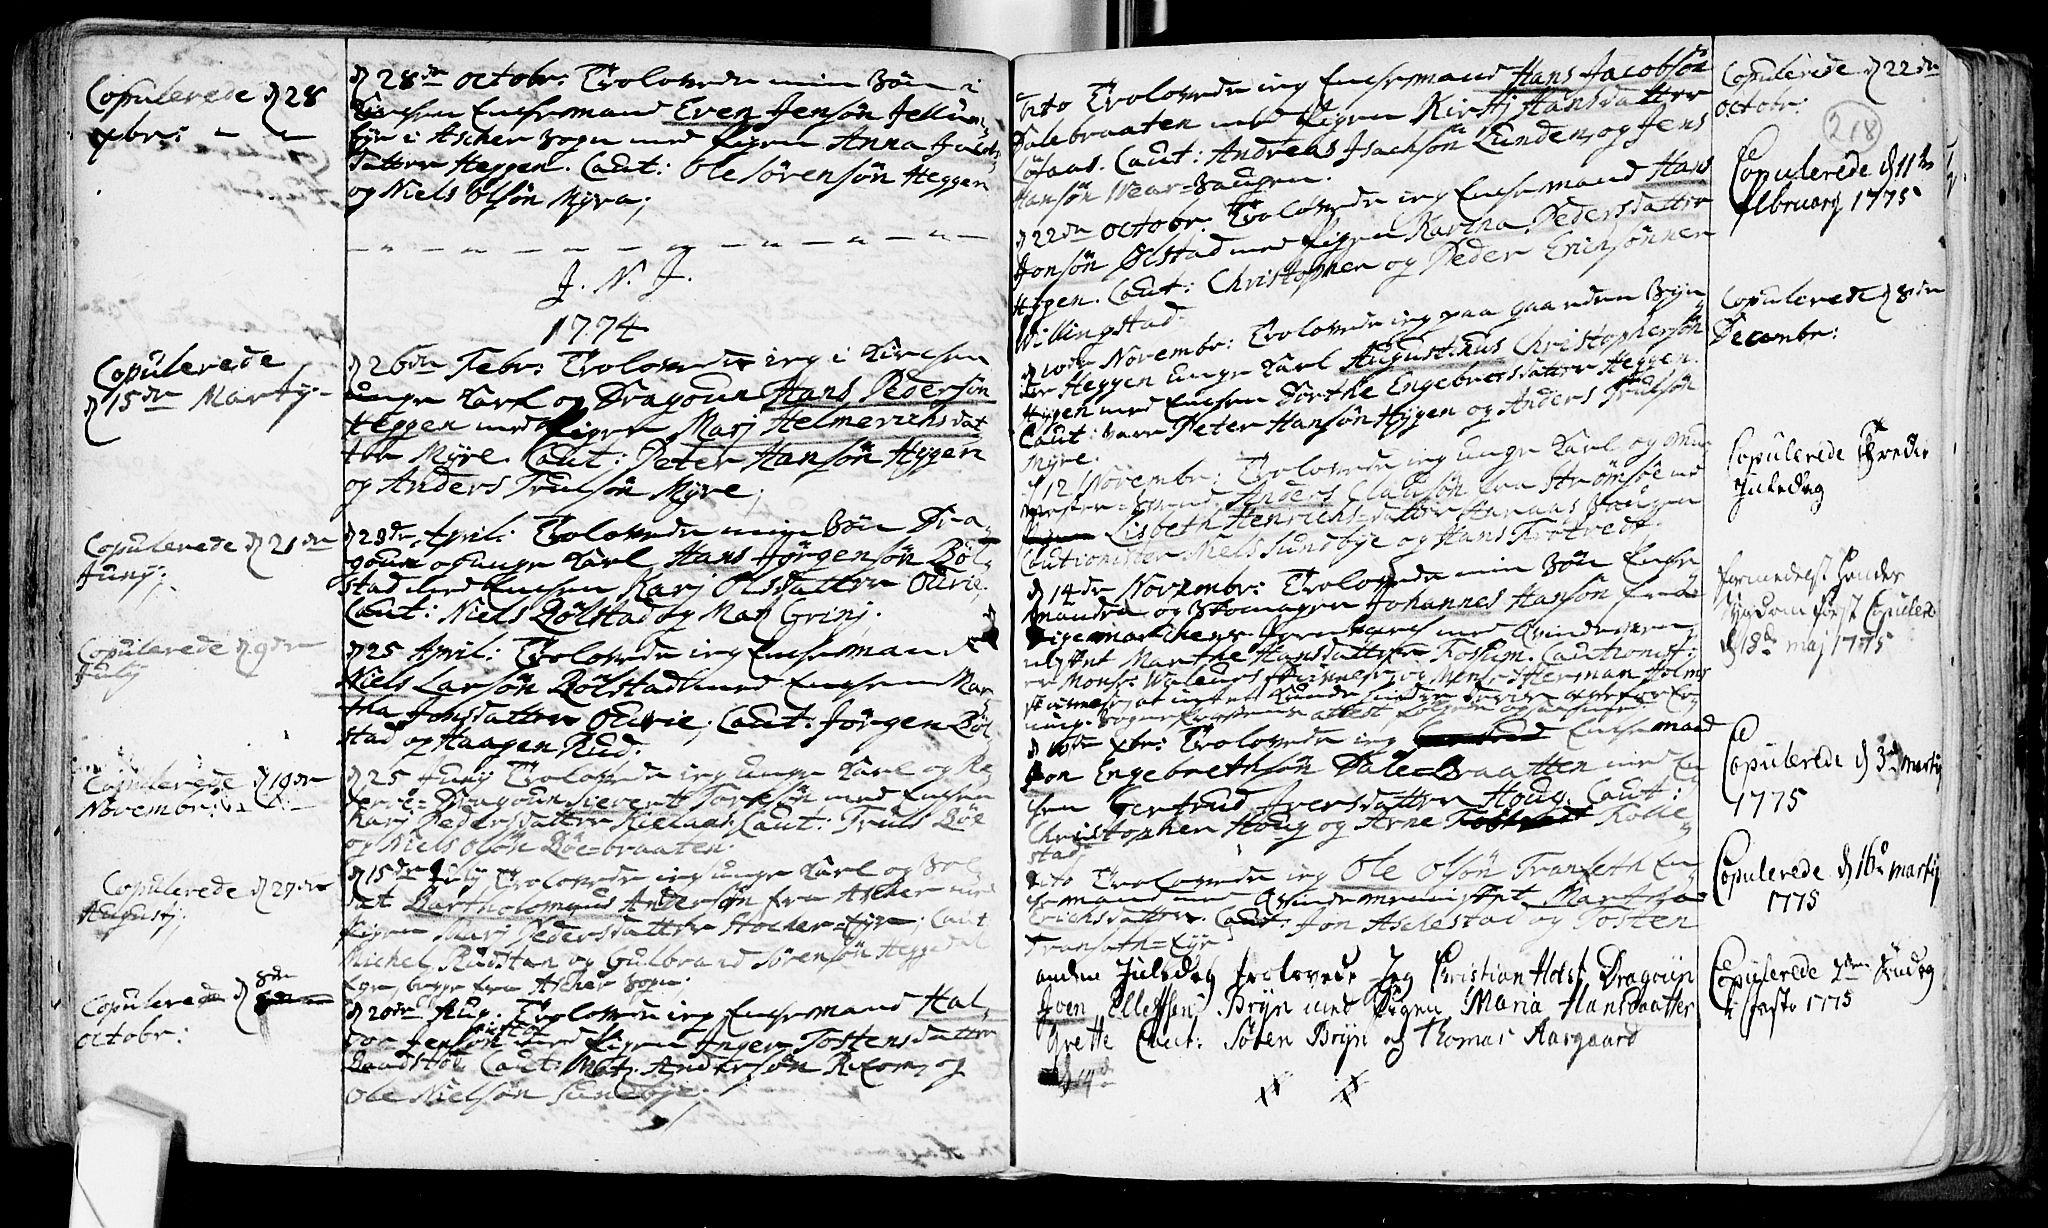 SAKO, Røyken kirkebøker, F/Fa/L0002: Ministerialbok nr. 2, 1731-1782, s. 218